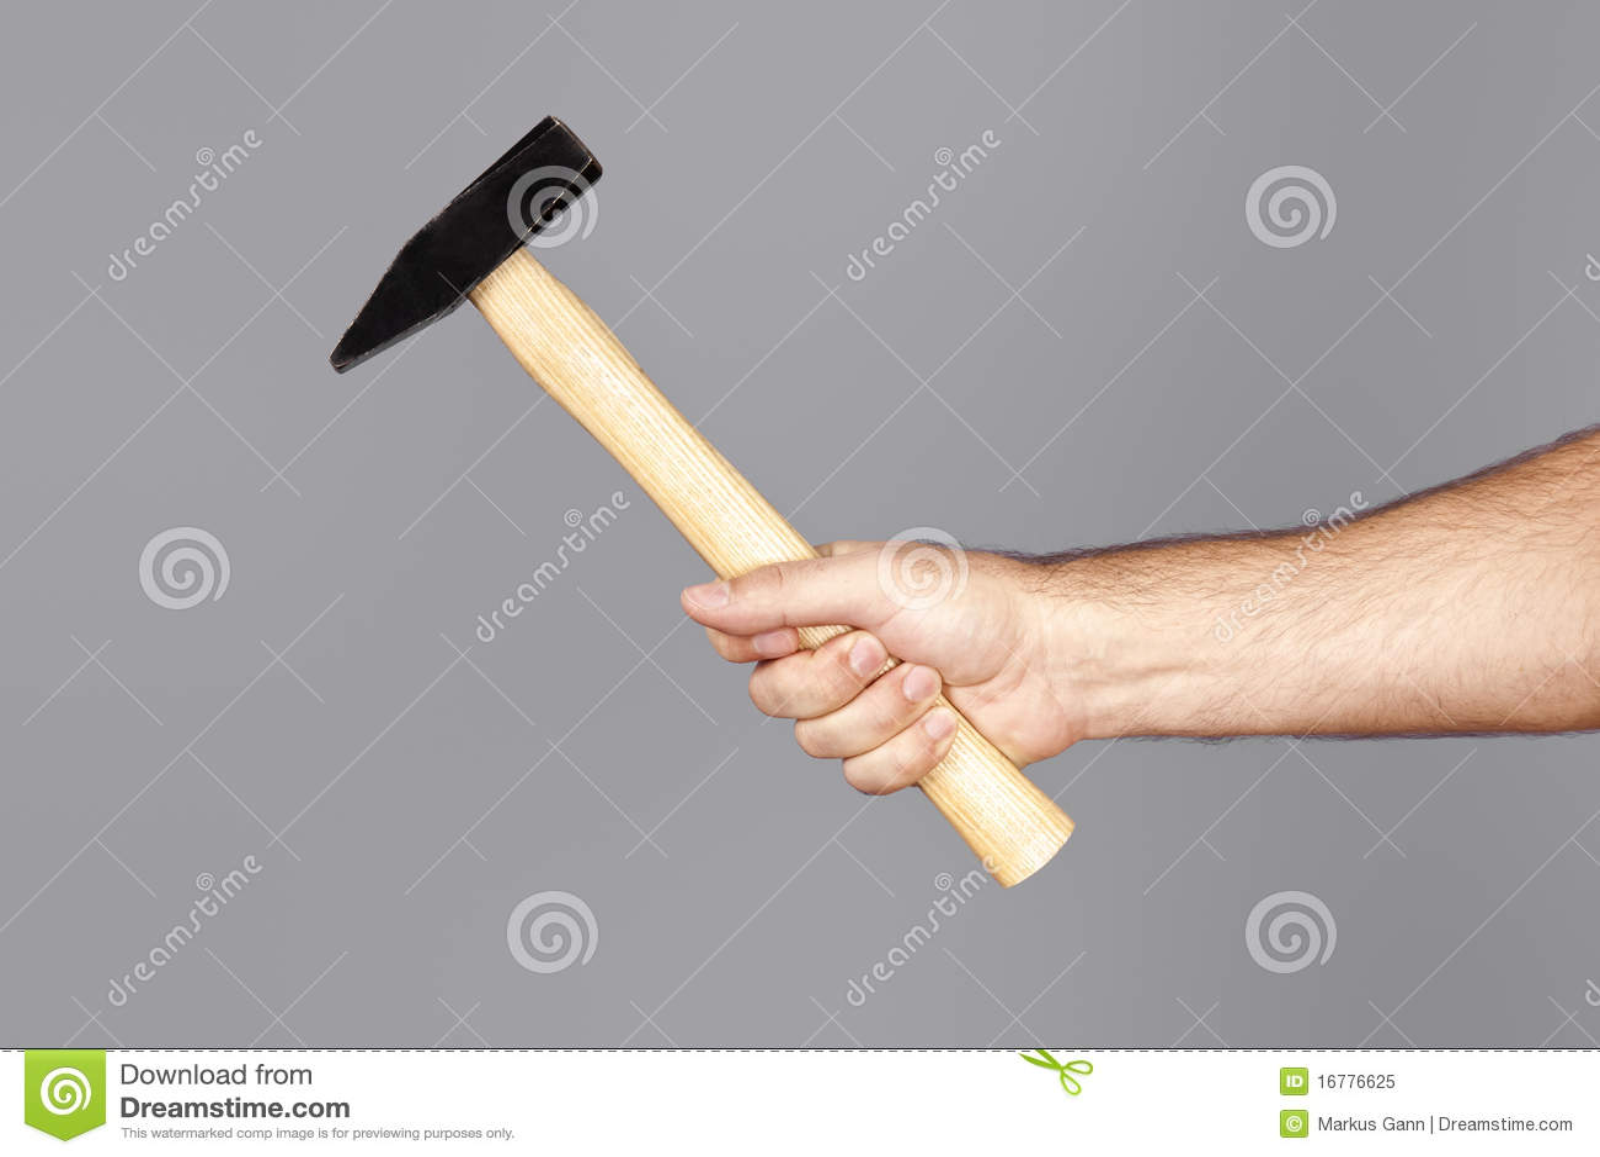 hammer stockbild bild von mann ausr stung erbauer 16776625. Black Bedroom Furniture Sets. Home Design Ideas